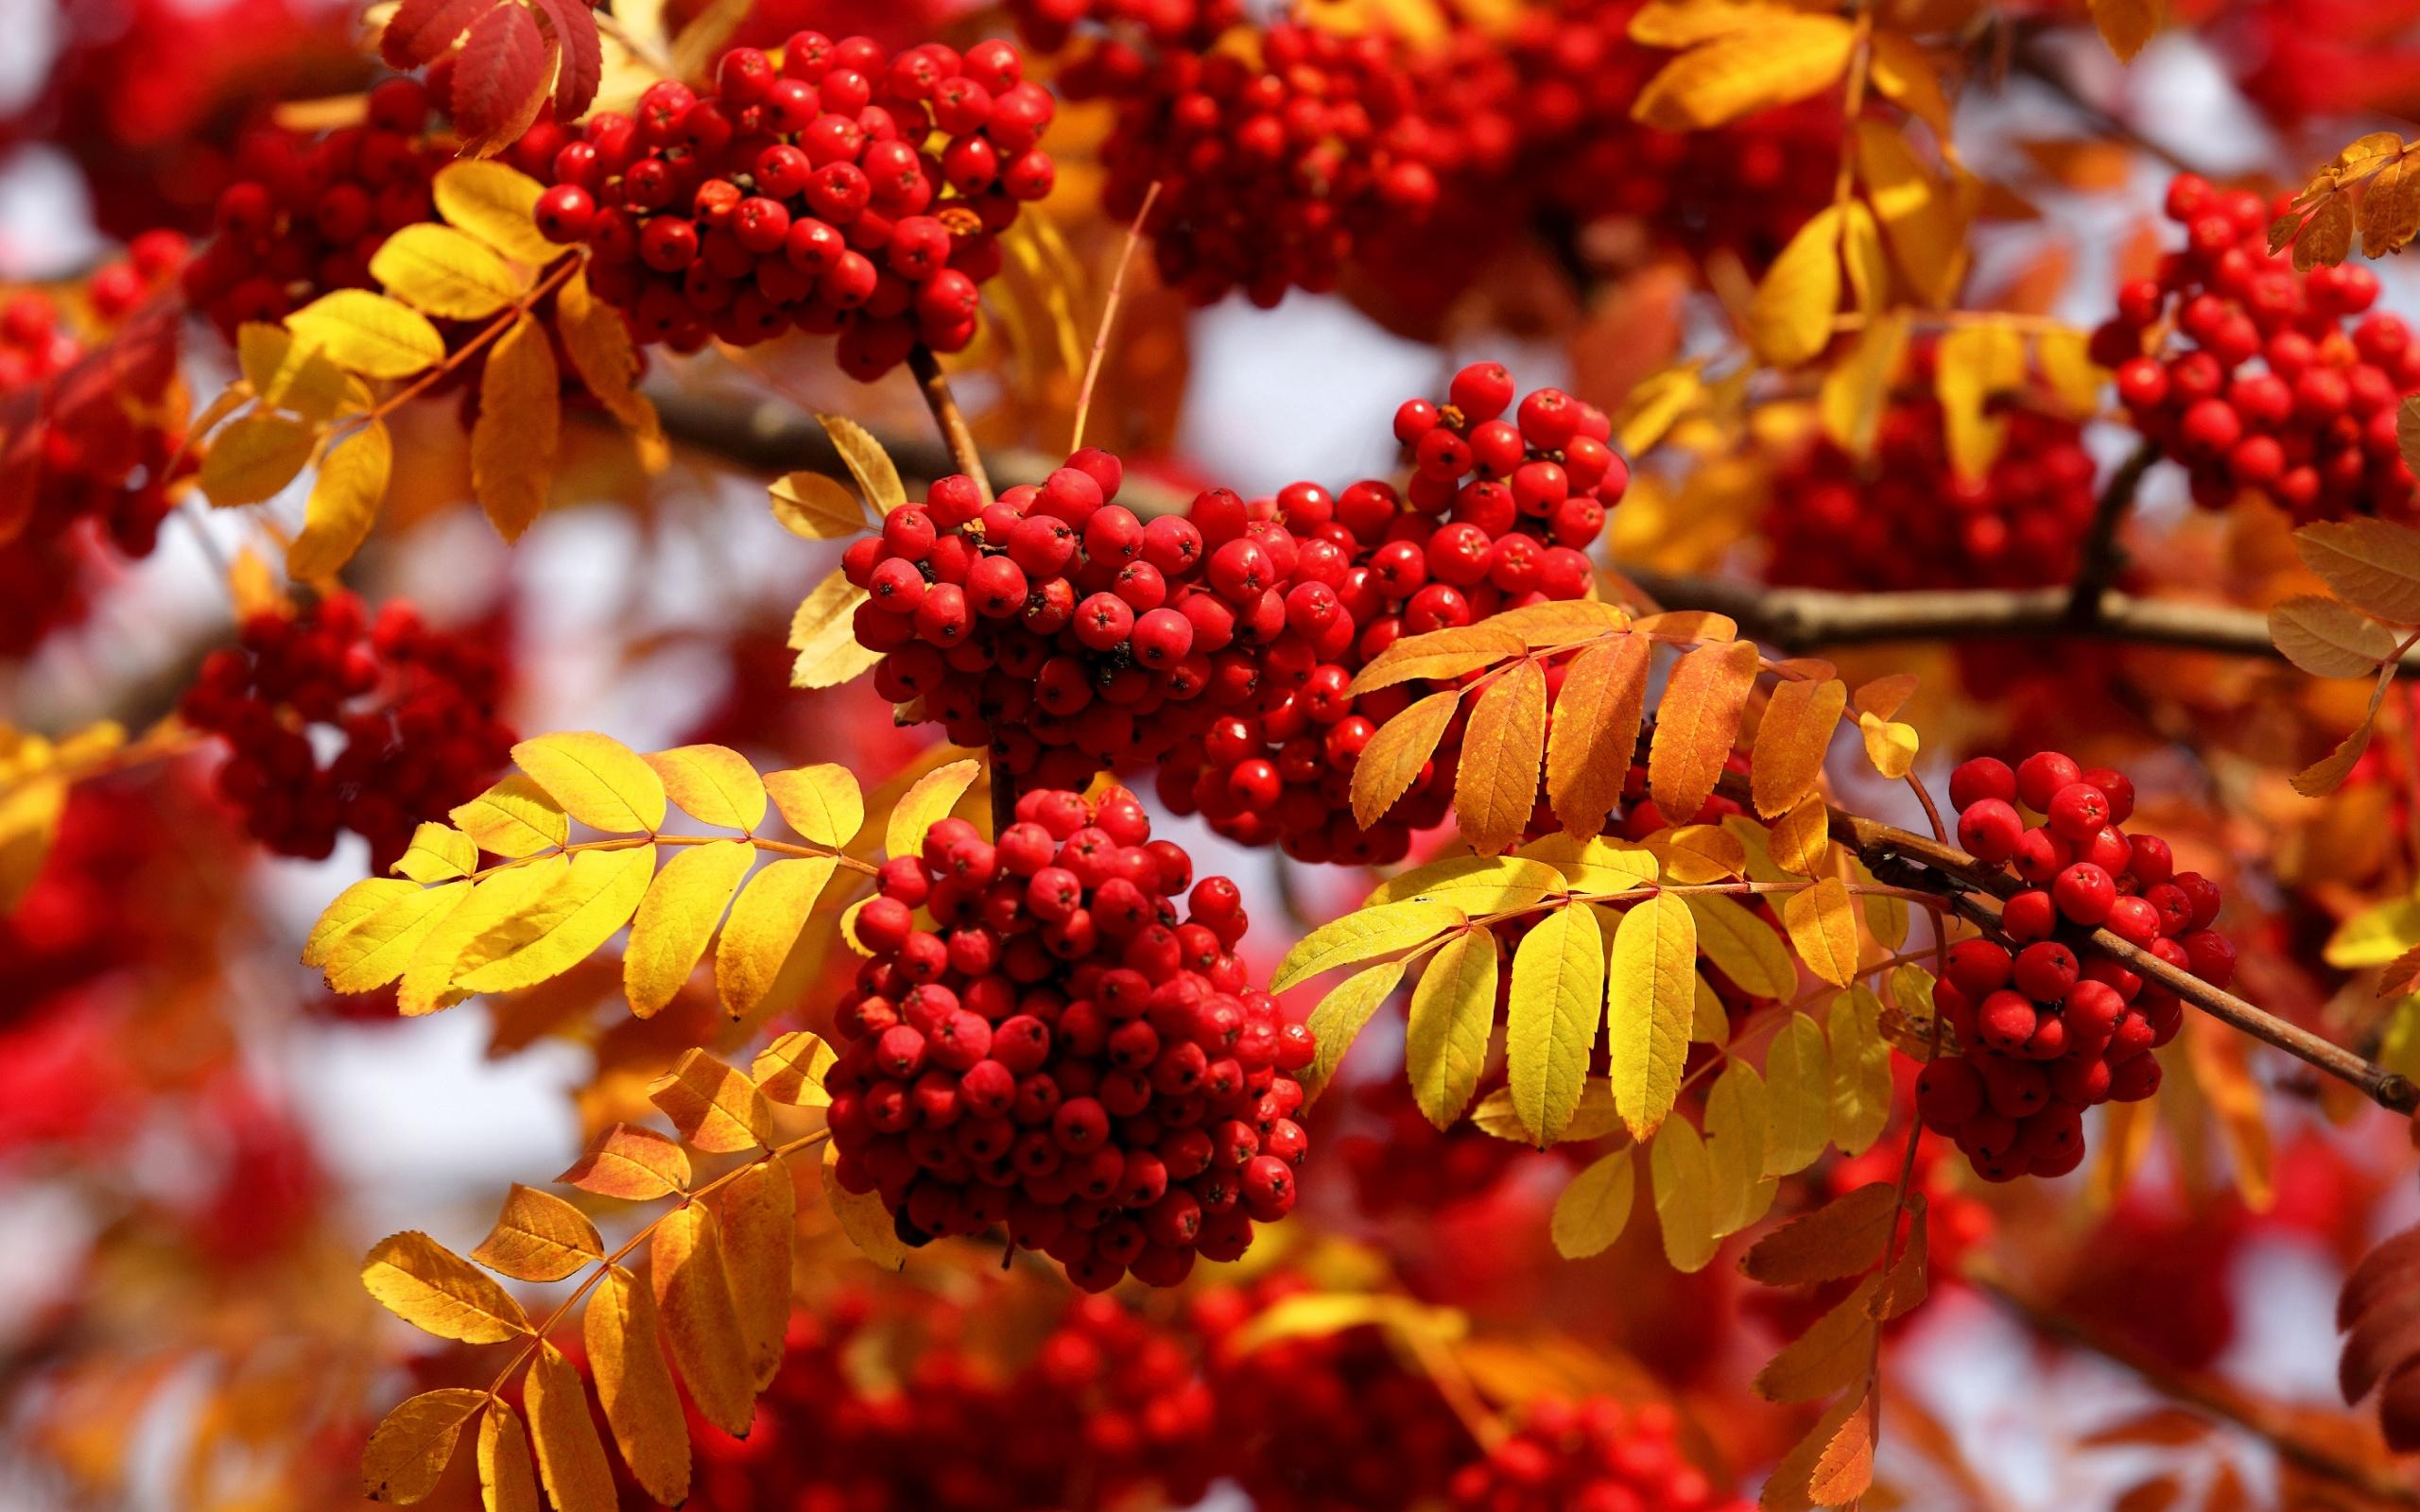 порою картинка осенние листья гроздья рябины при желании полететь